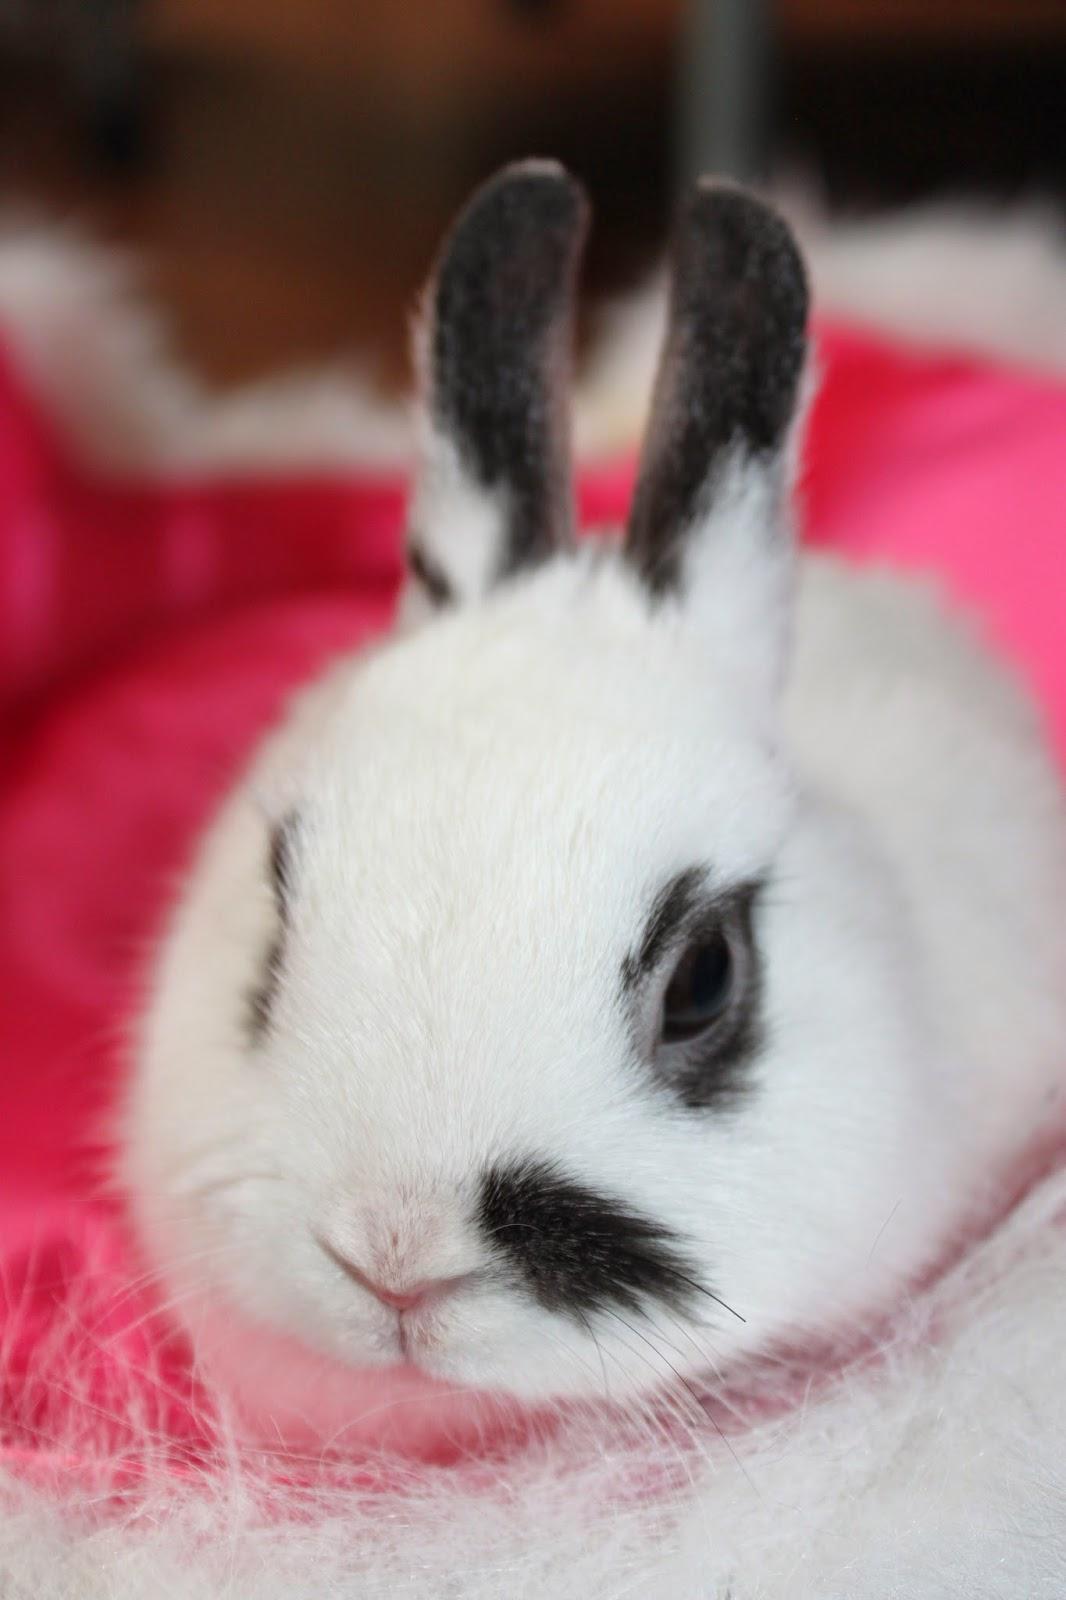 baby bunny very cute